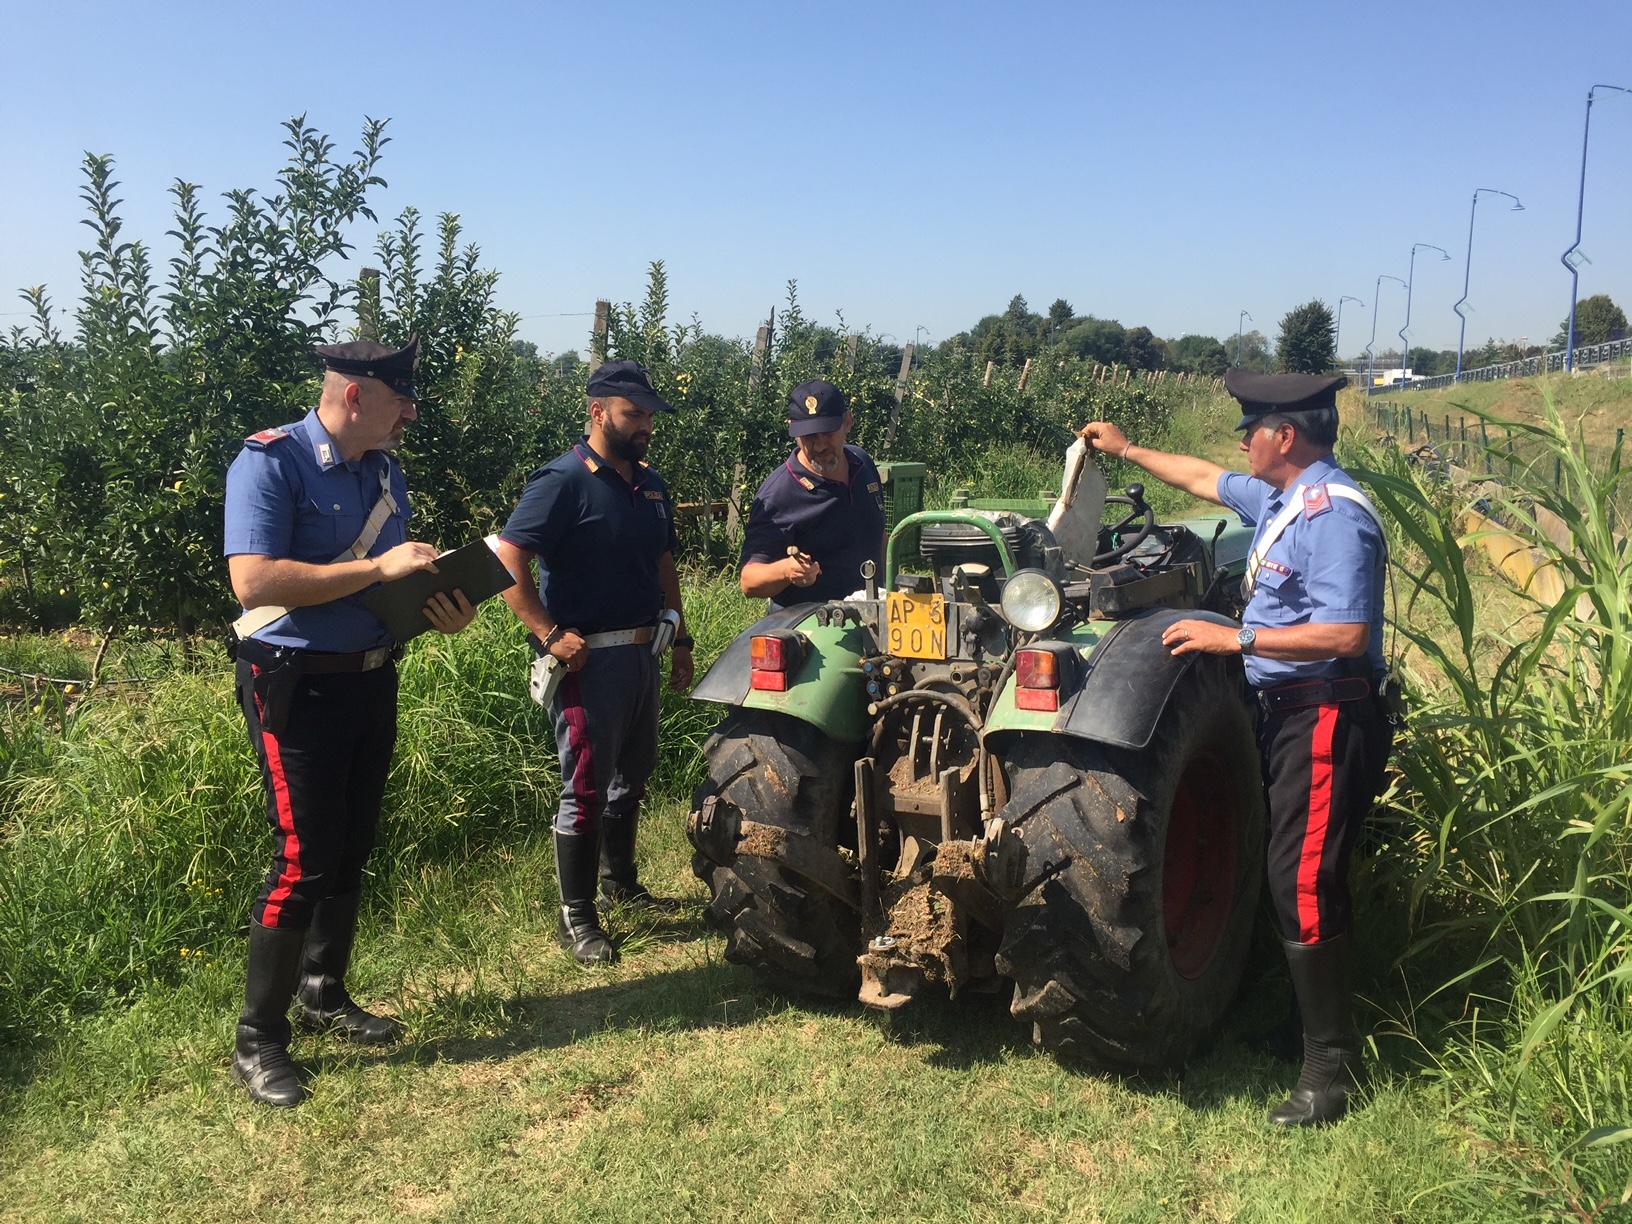 Sequestrata e torturata, polizia e carabinieri ritrovano una donna scomparsa. Doppio intervento delle forze dell'ordine martedì 28 agosto in un un meleto adiacente l'autostrada A4.